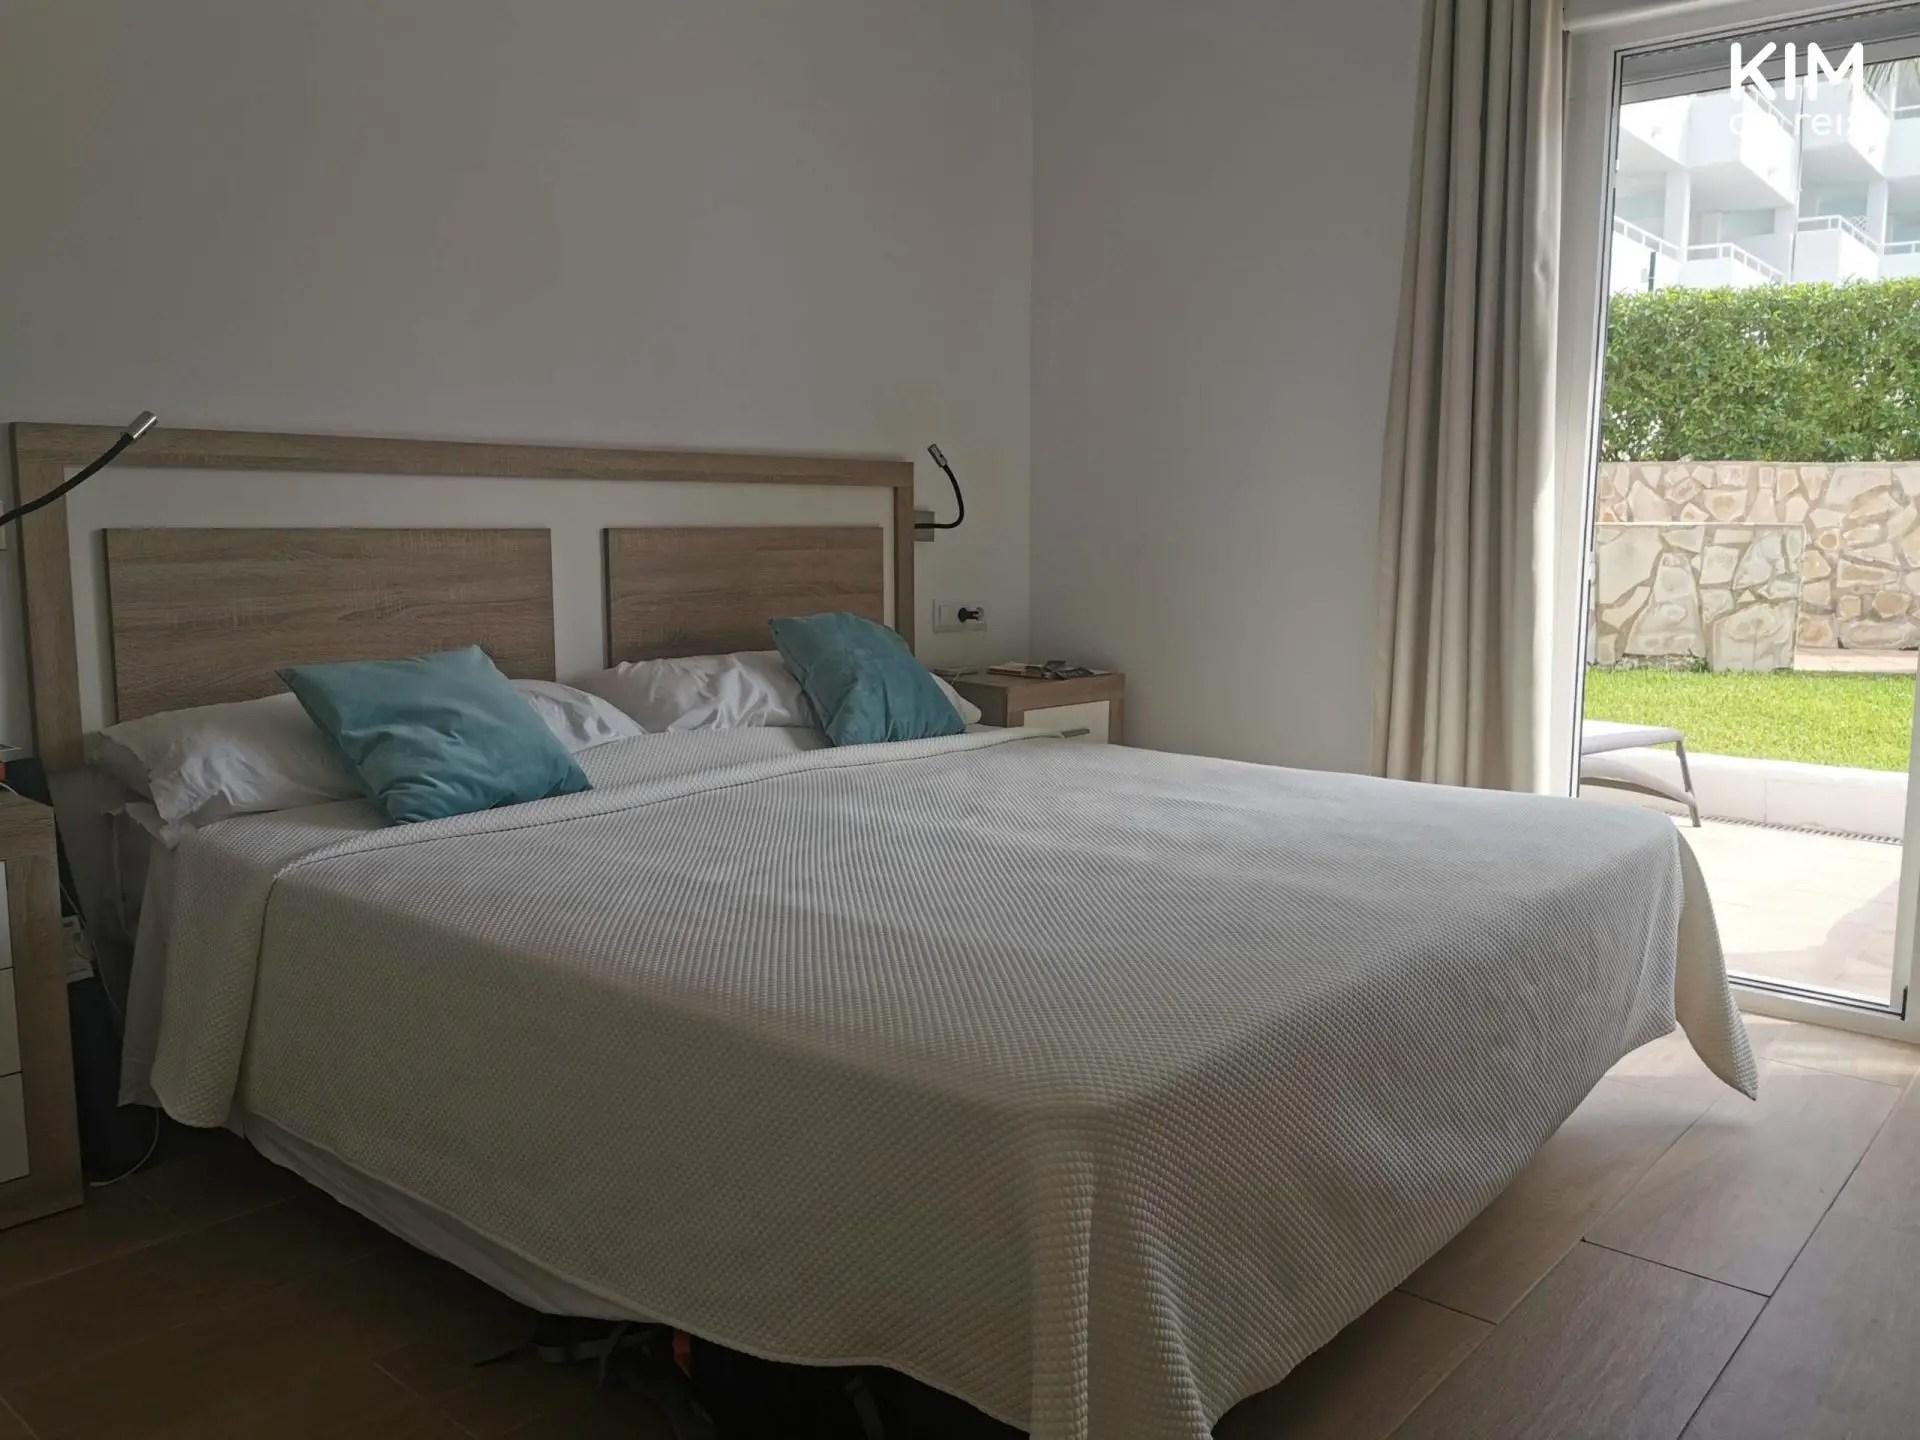 Slaapkamer Torrent Ibiza - eenvoudige slaapkamer in cremetint